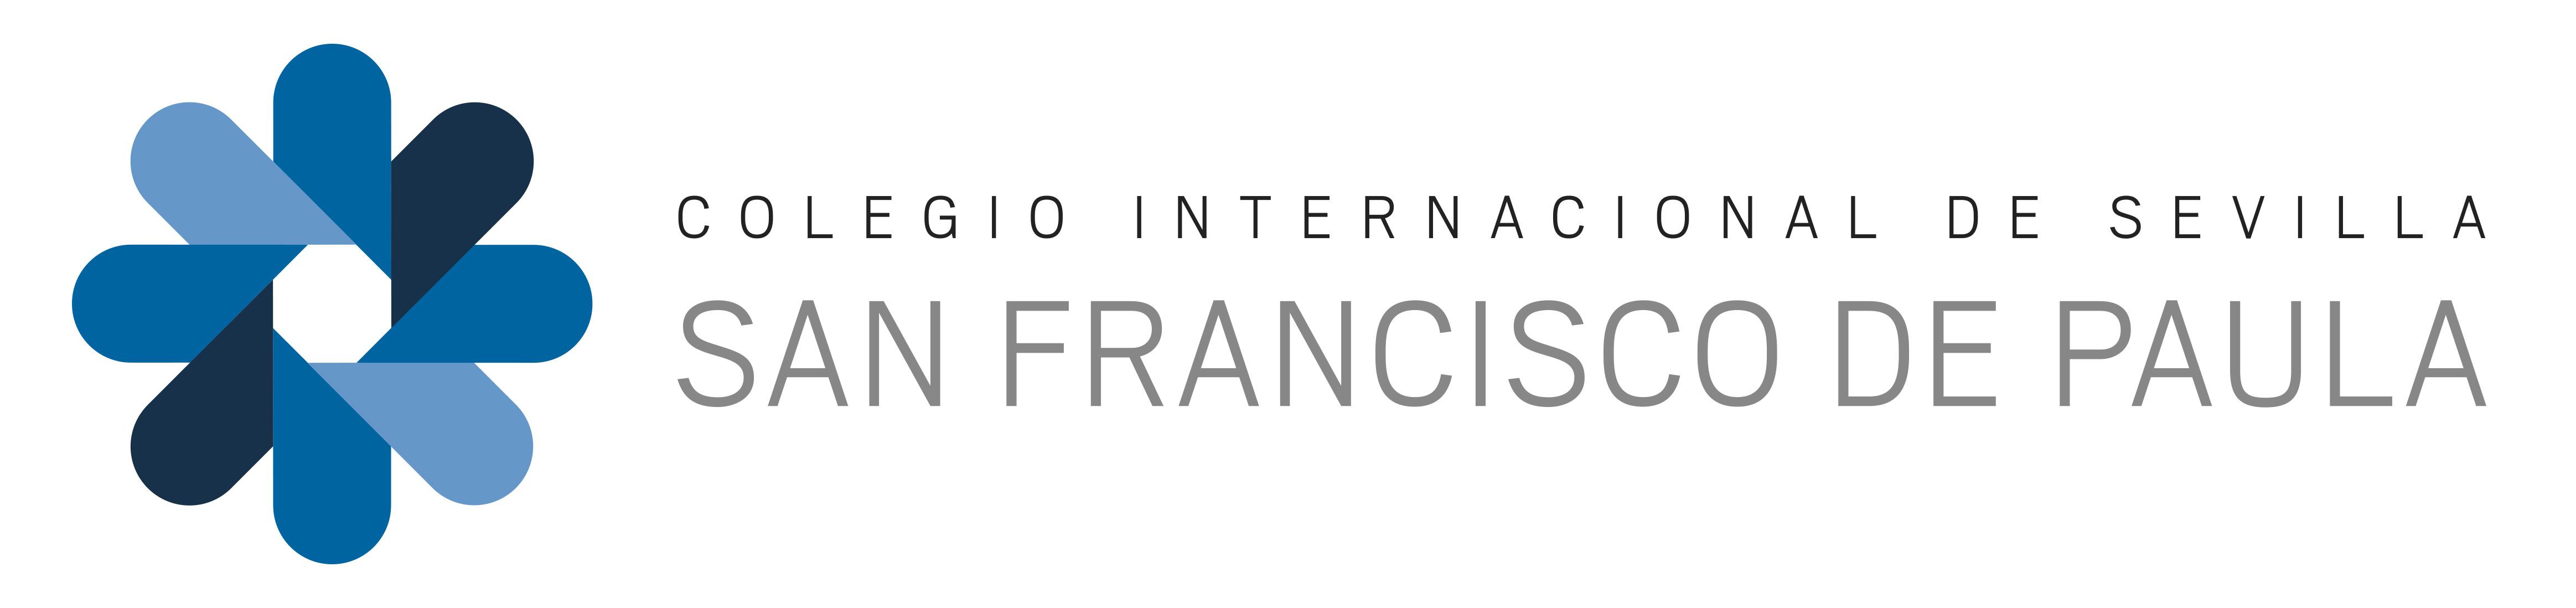 CONVOCATORIA DE PRENSA Y GRÁFICOS: PRESENTACIÓN DEL LIBRO 'EUROPA COMO TAREA' EN EL COLEGIO DE SAN FRANCISCO DE PAULA